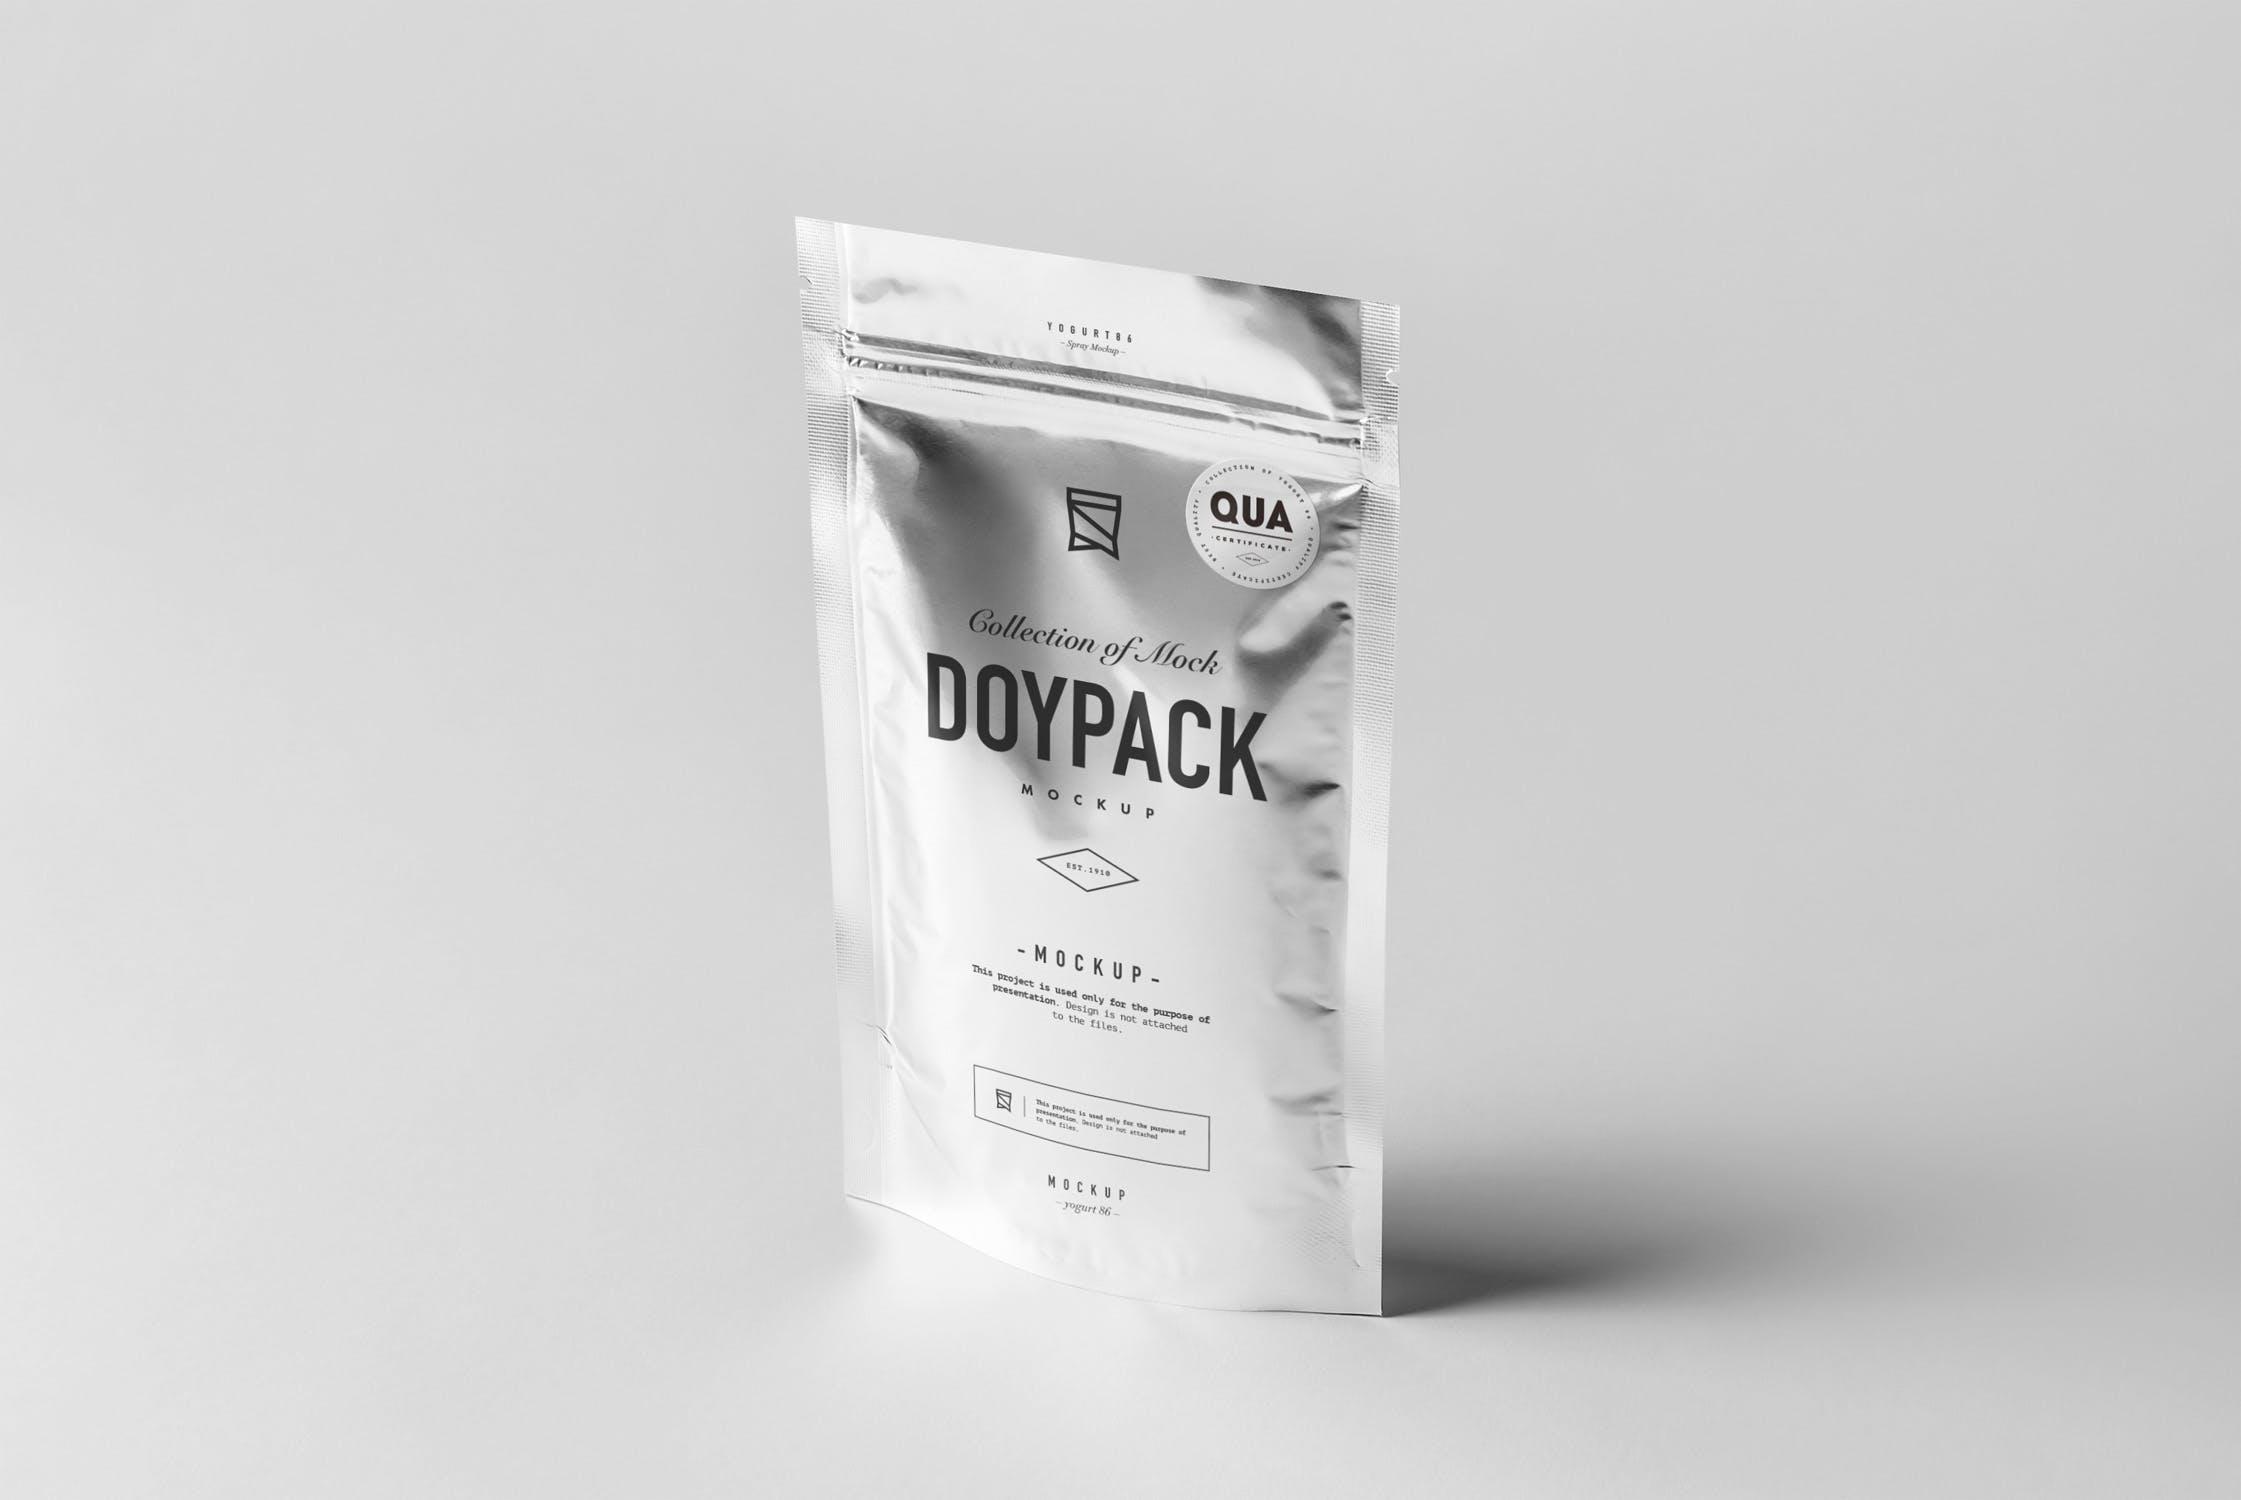 食品自封袋样机模板展示样机素材 Doypack Mock-up 4